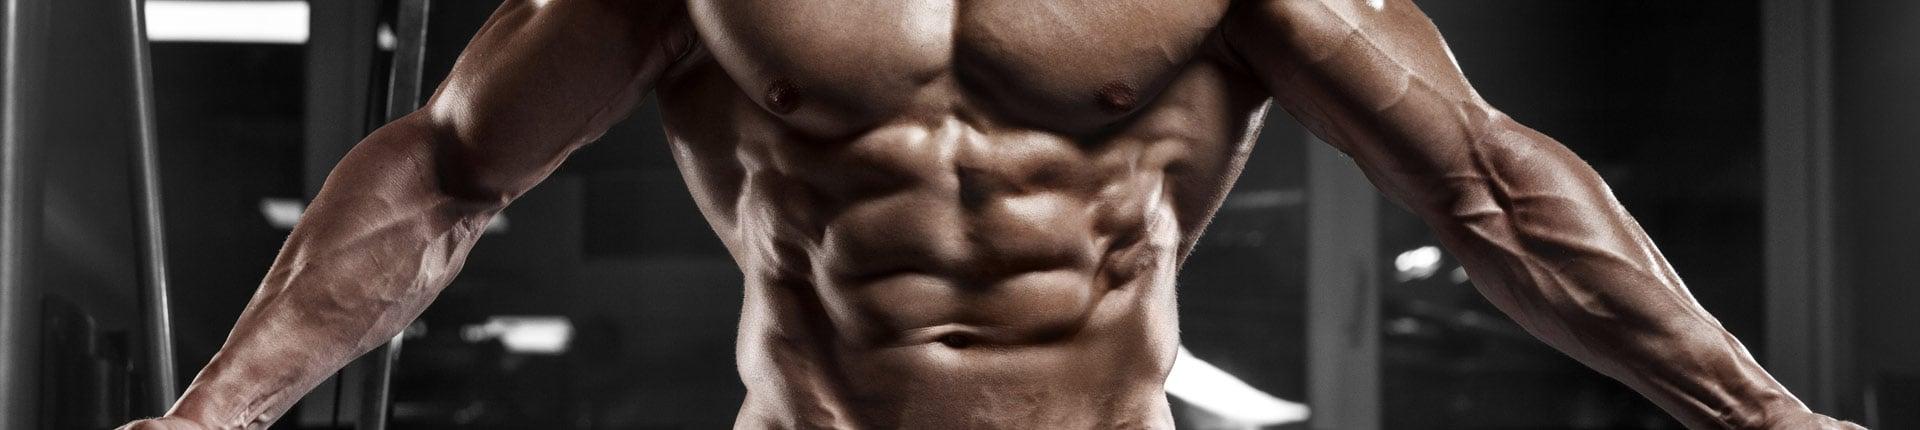 Mięśnie brzucha budujemy na siłowni, a nie w kuchni!